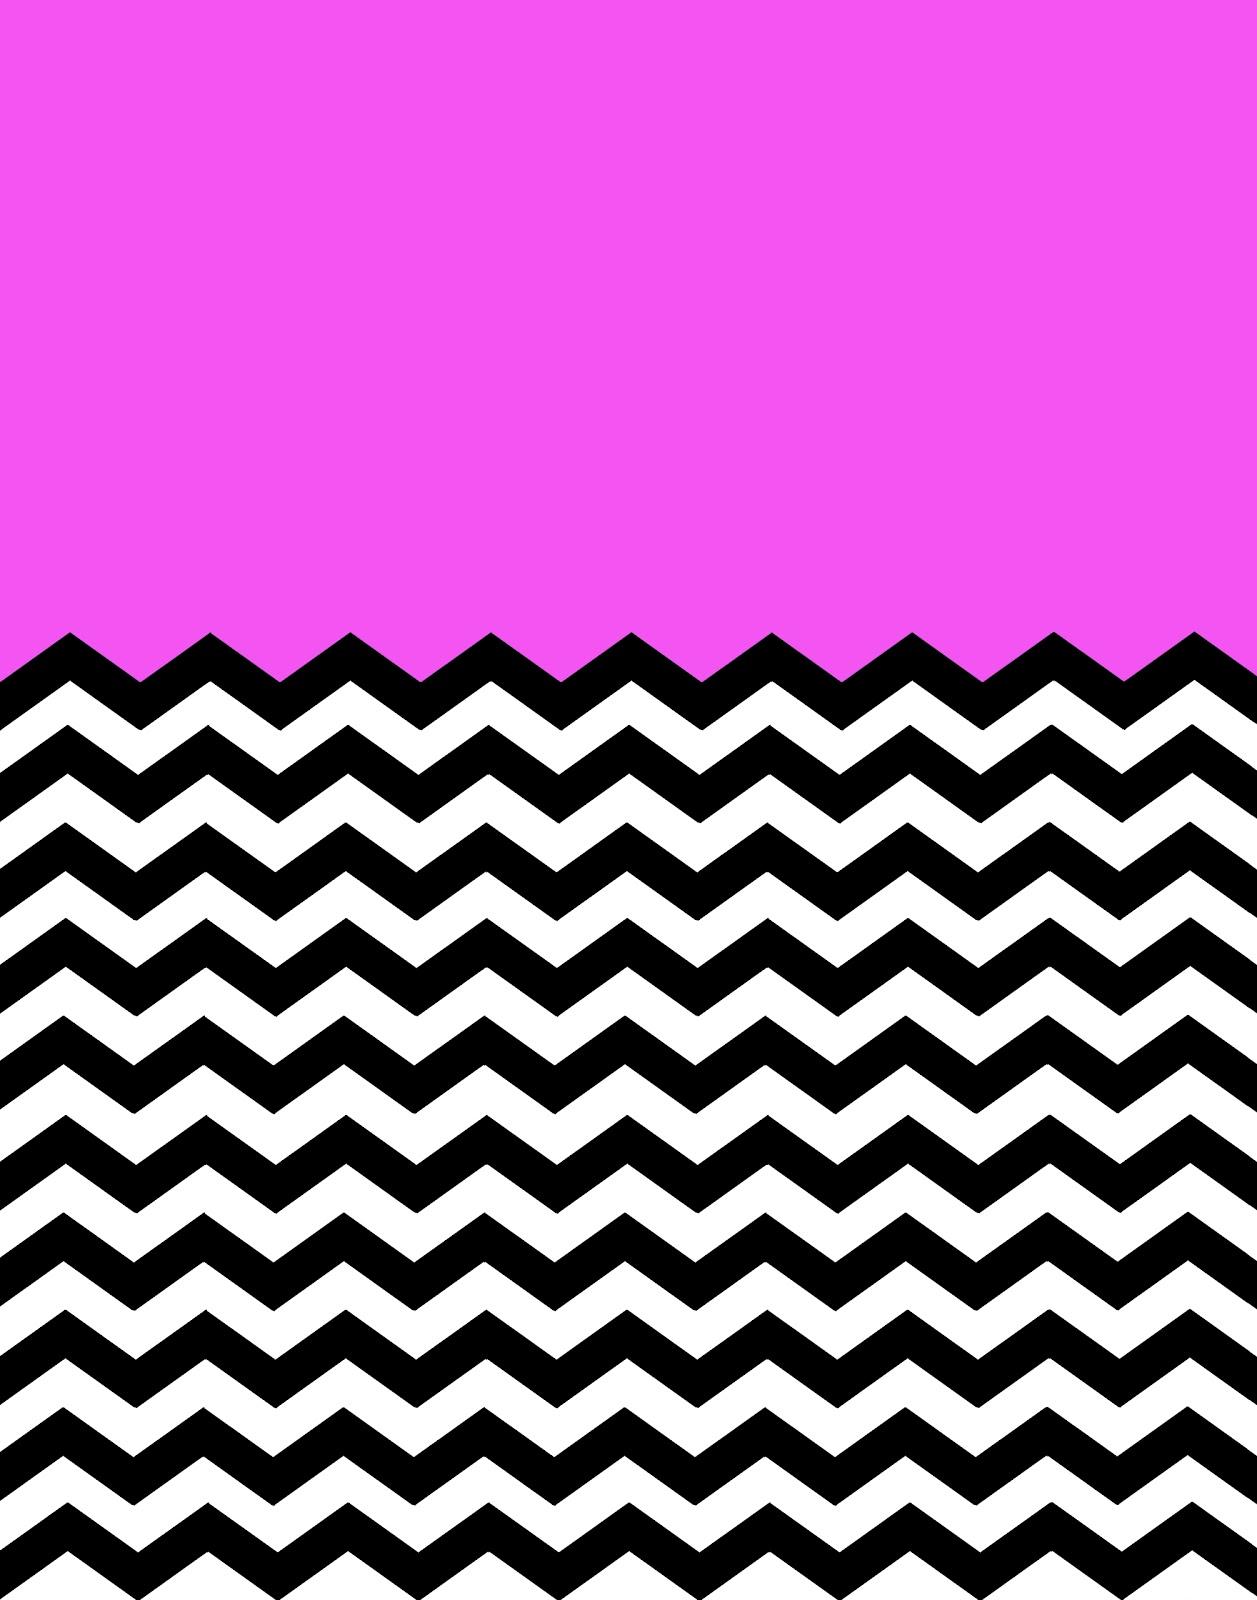 Purple and pink chevron pattern - photo#24